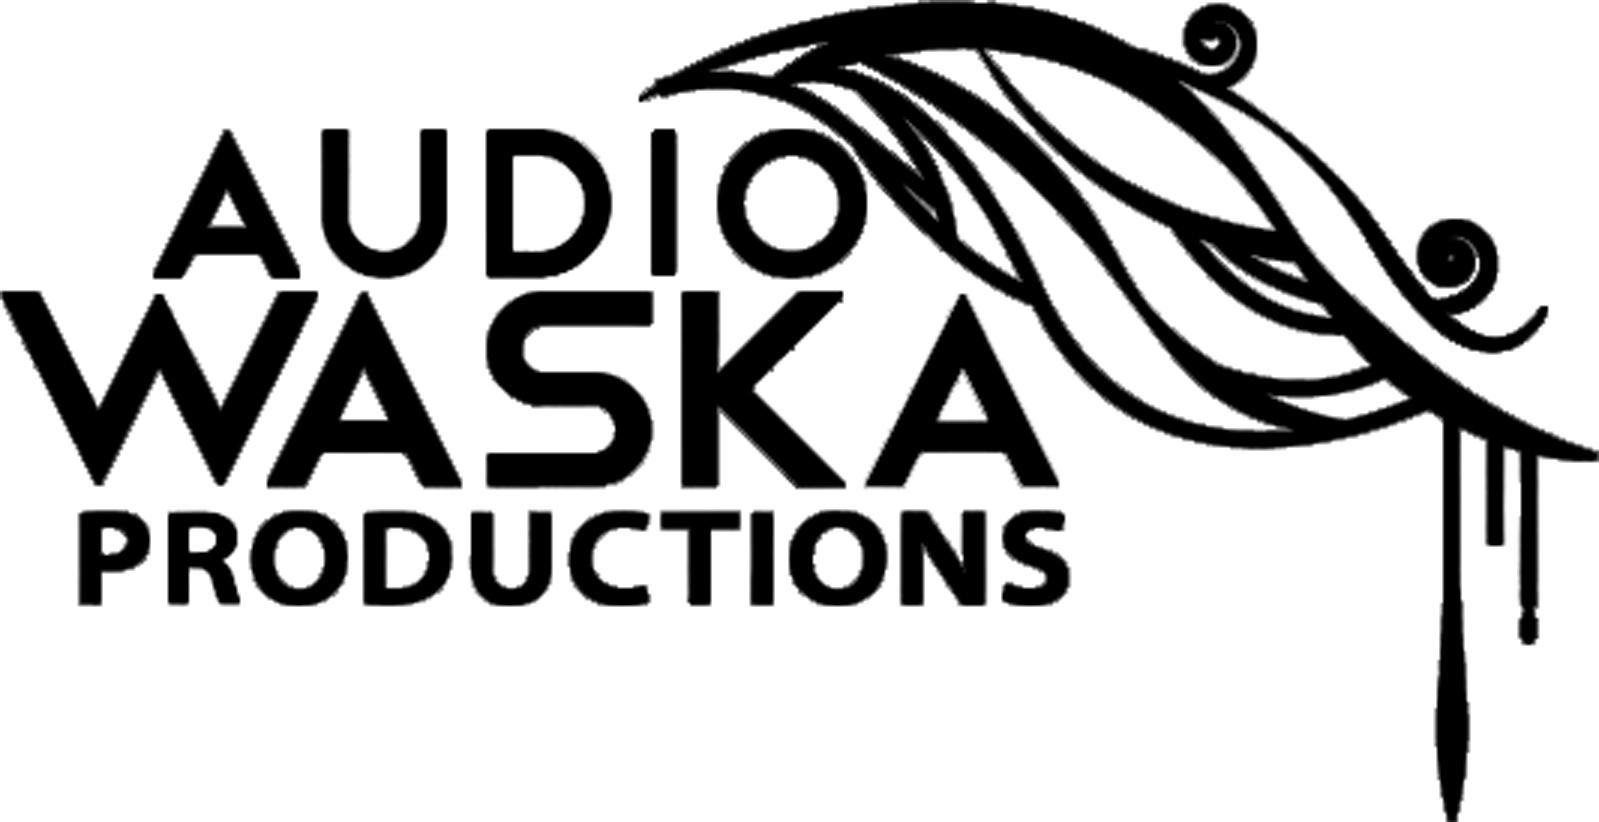 Audiowaska.jpg